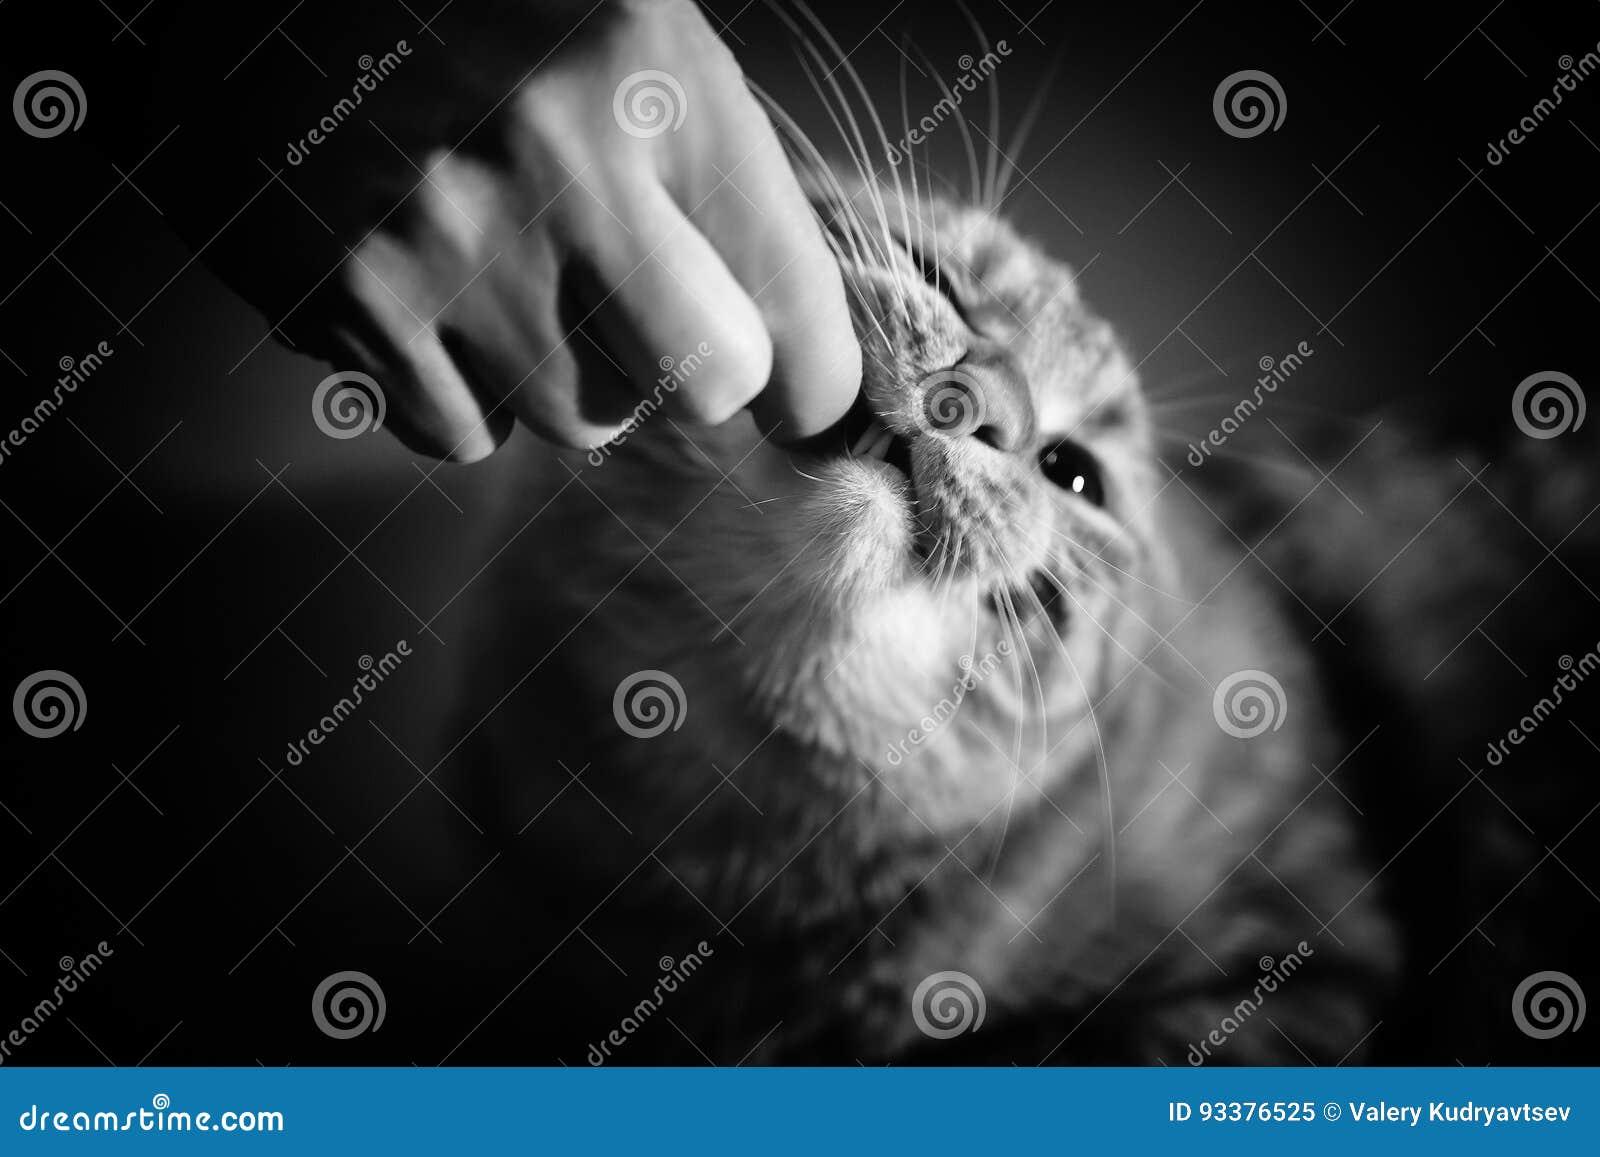 Кот принимает пилюльку